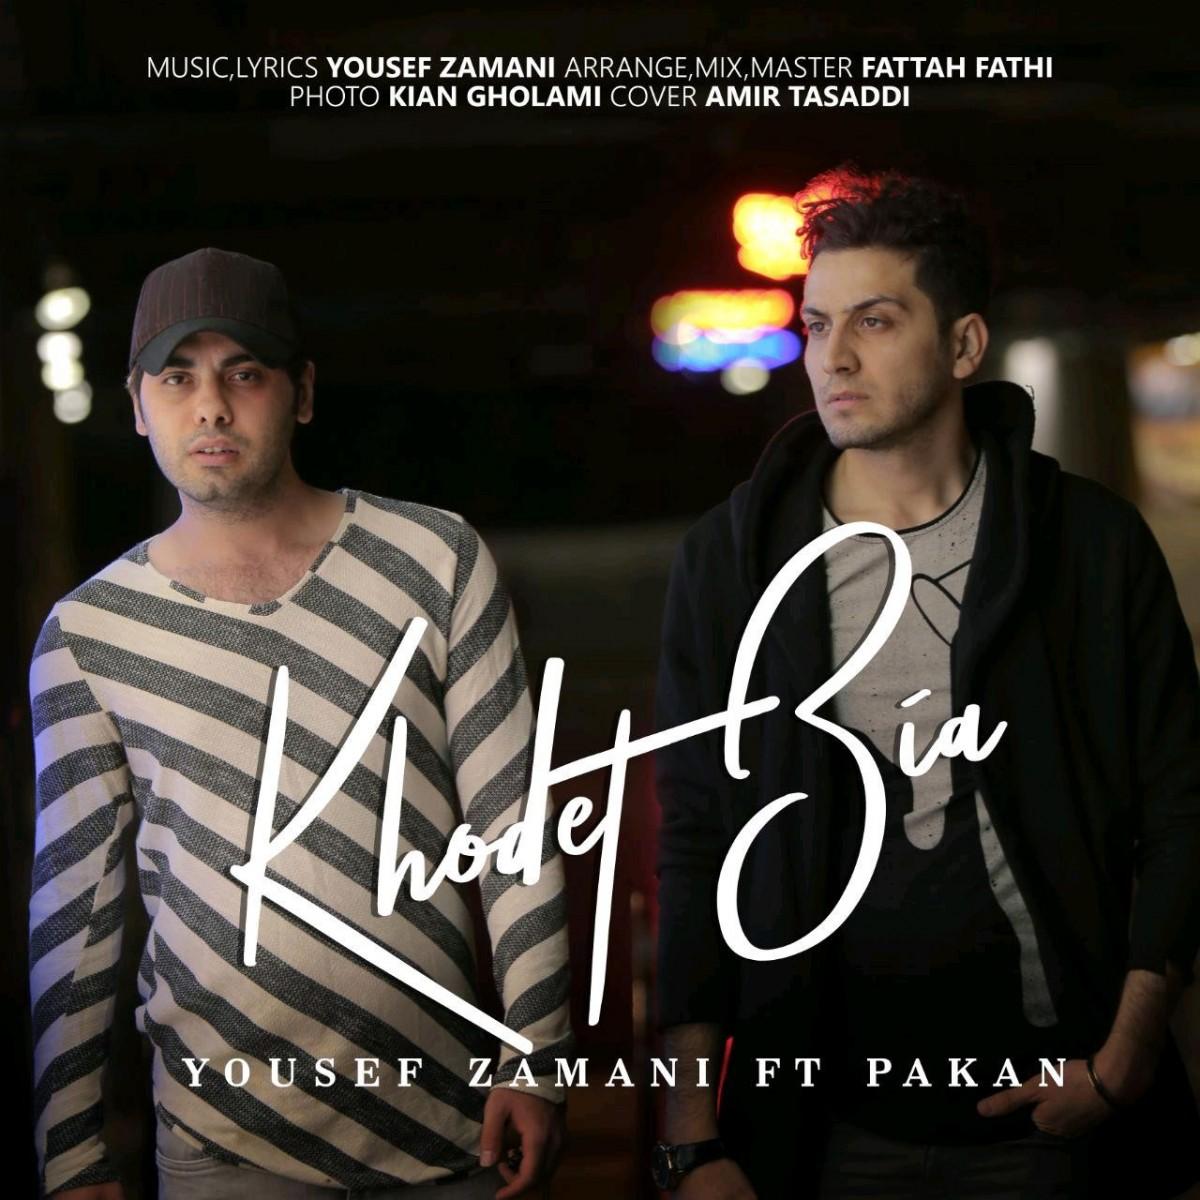 نامبر وان موزیک | دانلود آهنگ جدید Yousef-Zamani-Khodet-Bia-Ft-Pakan